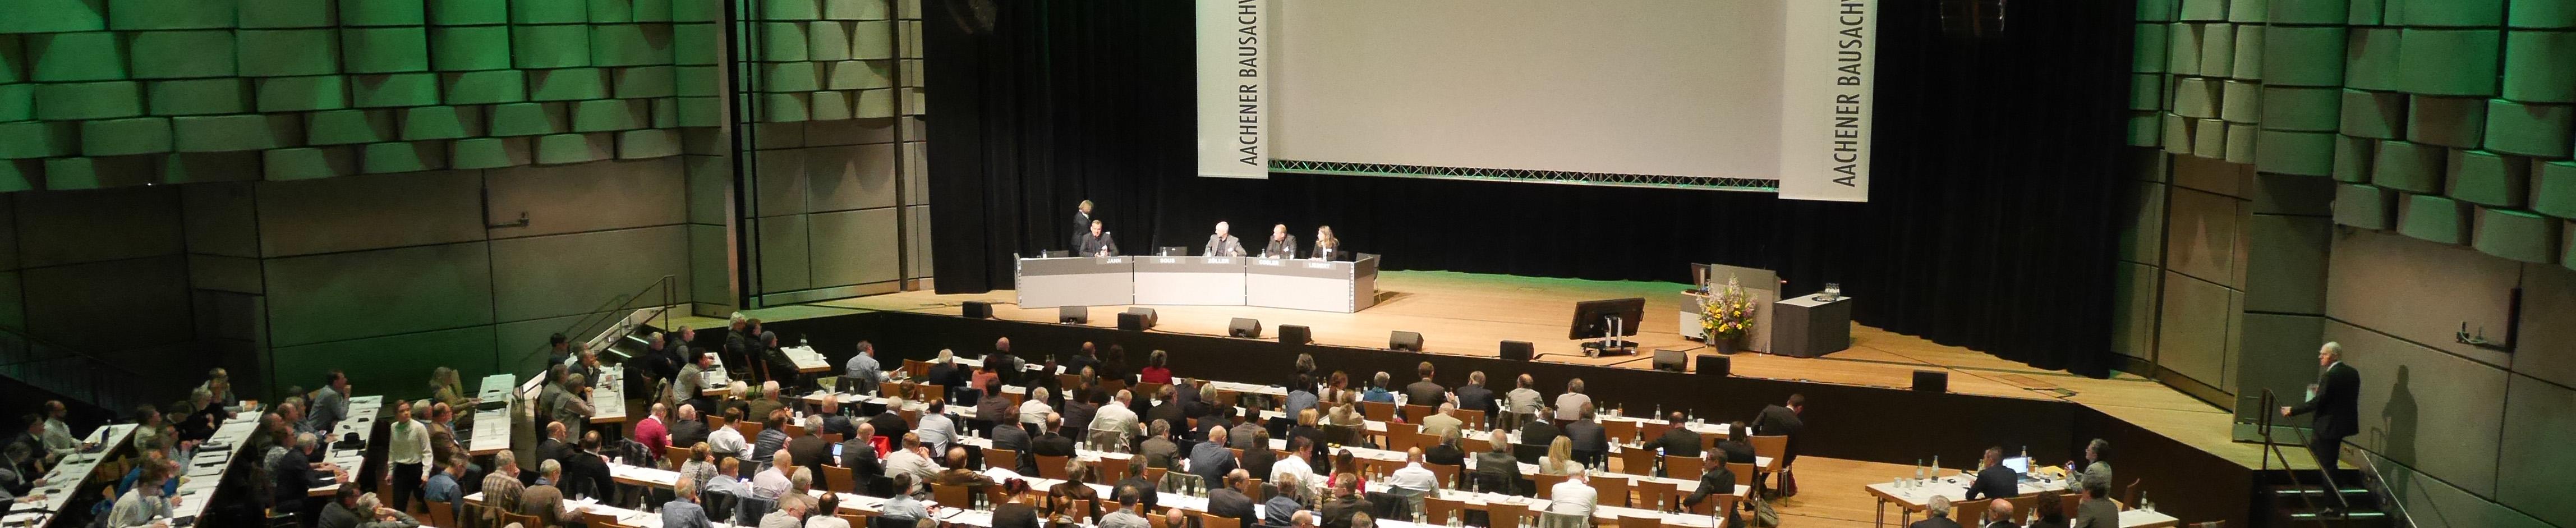 Aachener Bausachverständigentage Vortrag Innenraum Eurogress schmal